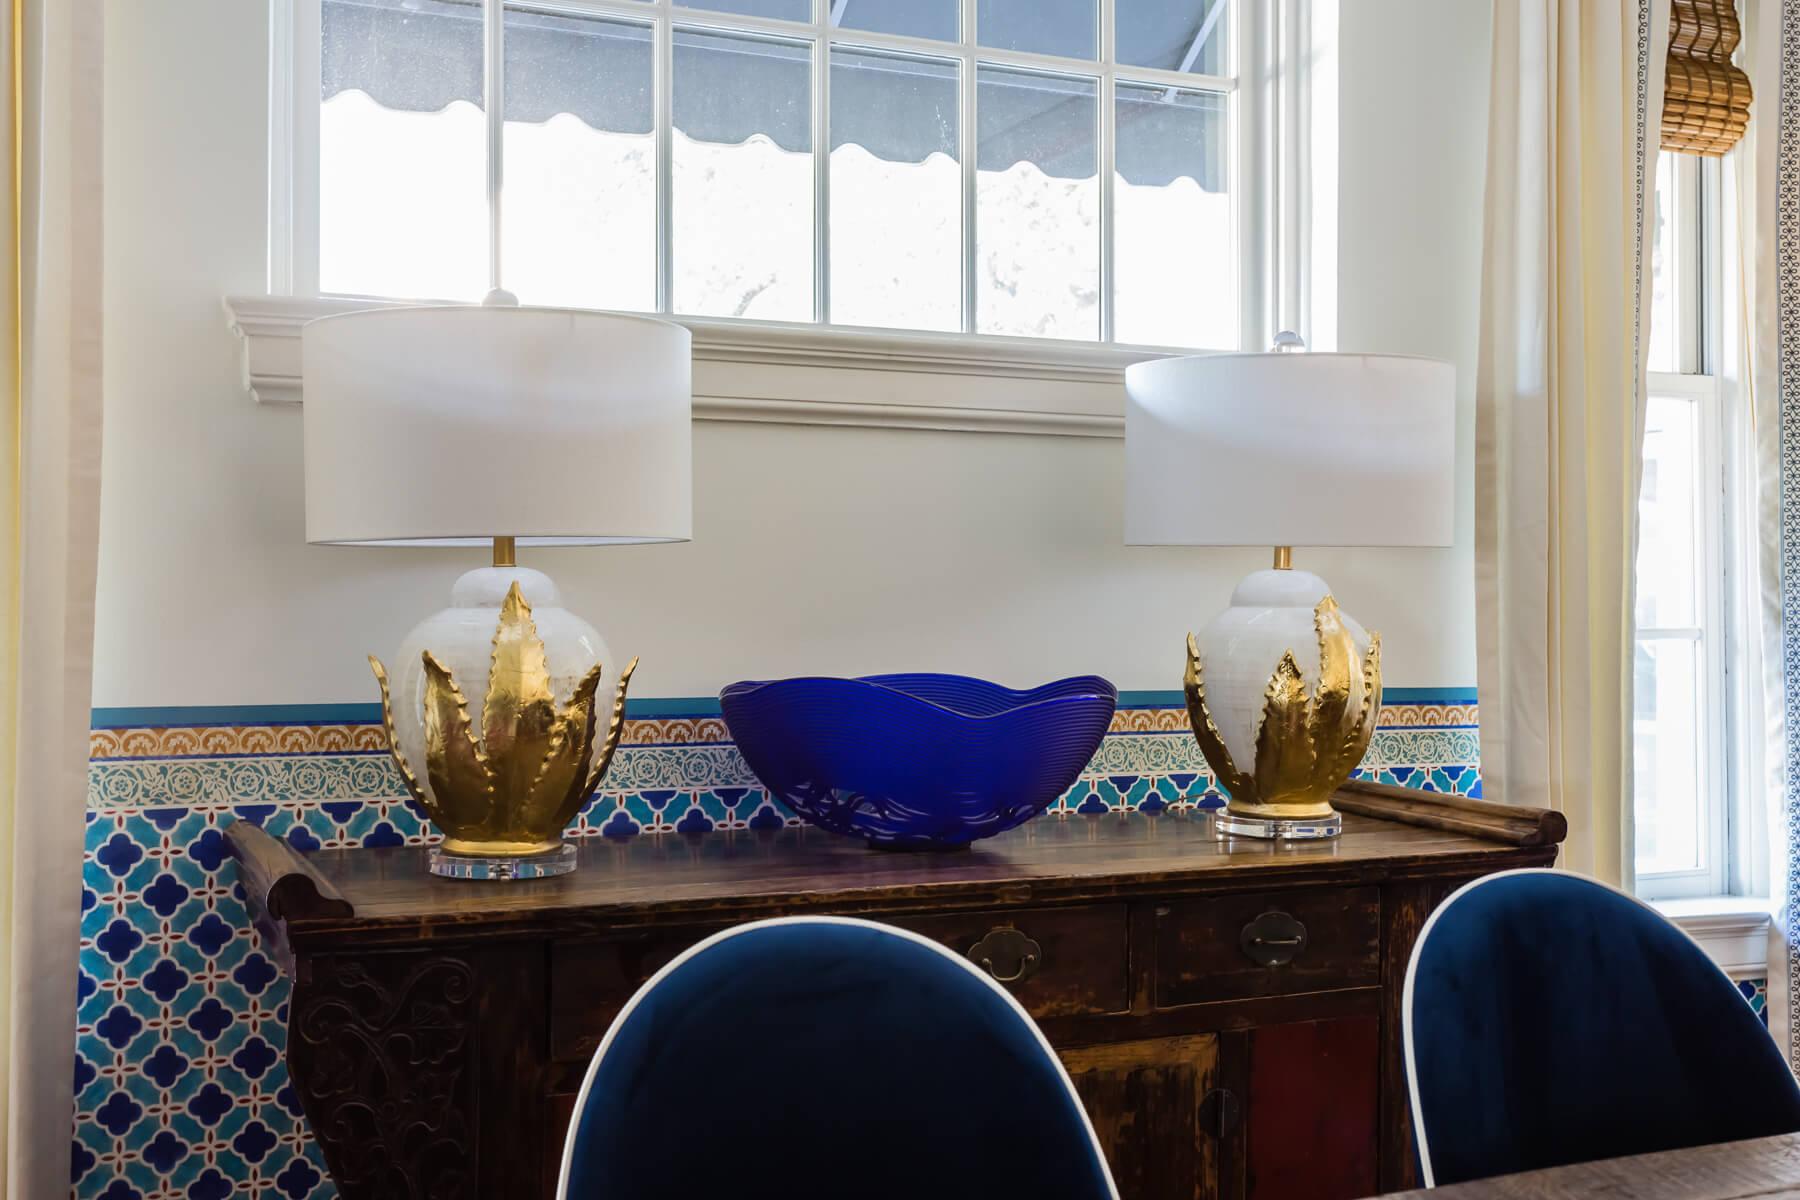 Modern Spanish Dining Room Mark Peiser Cobalt Blue Glass Bowl